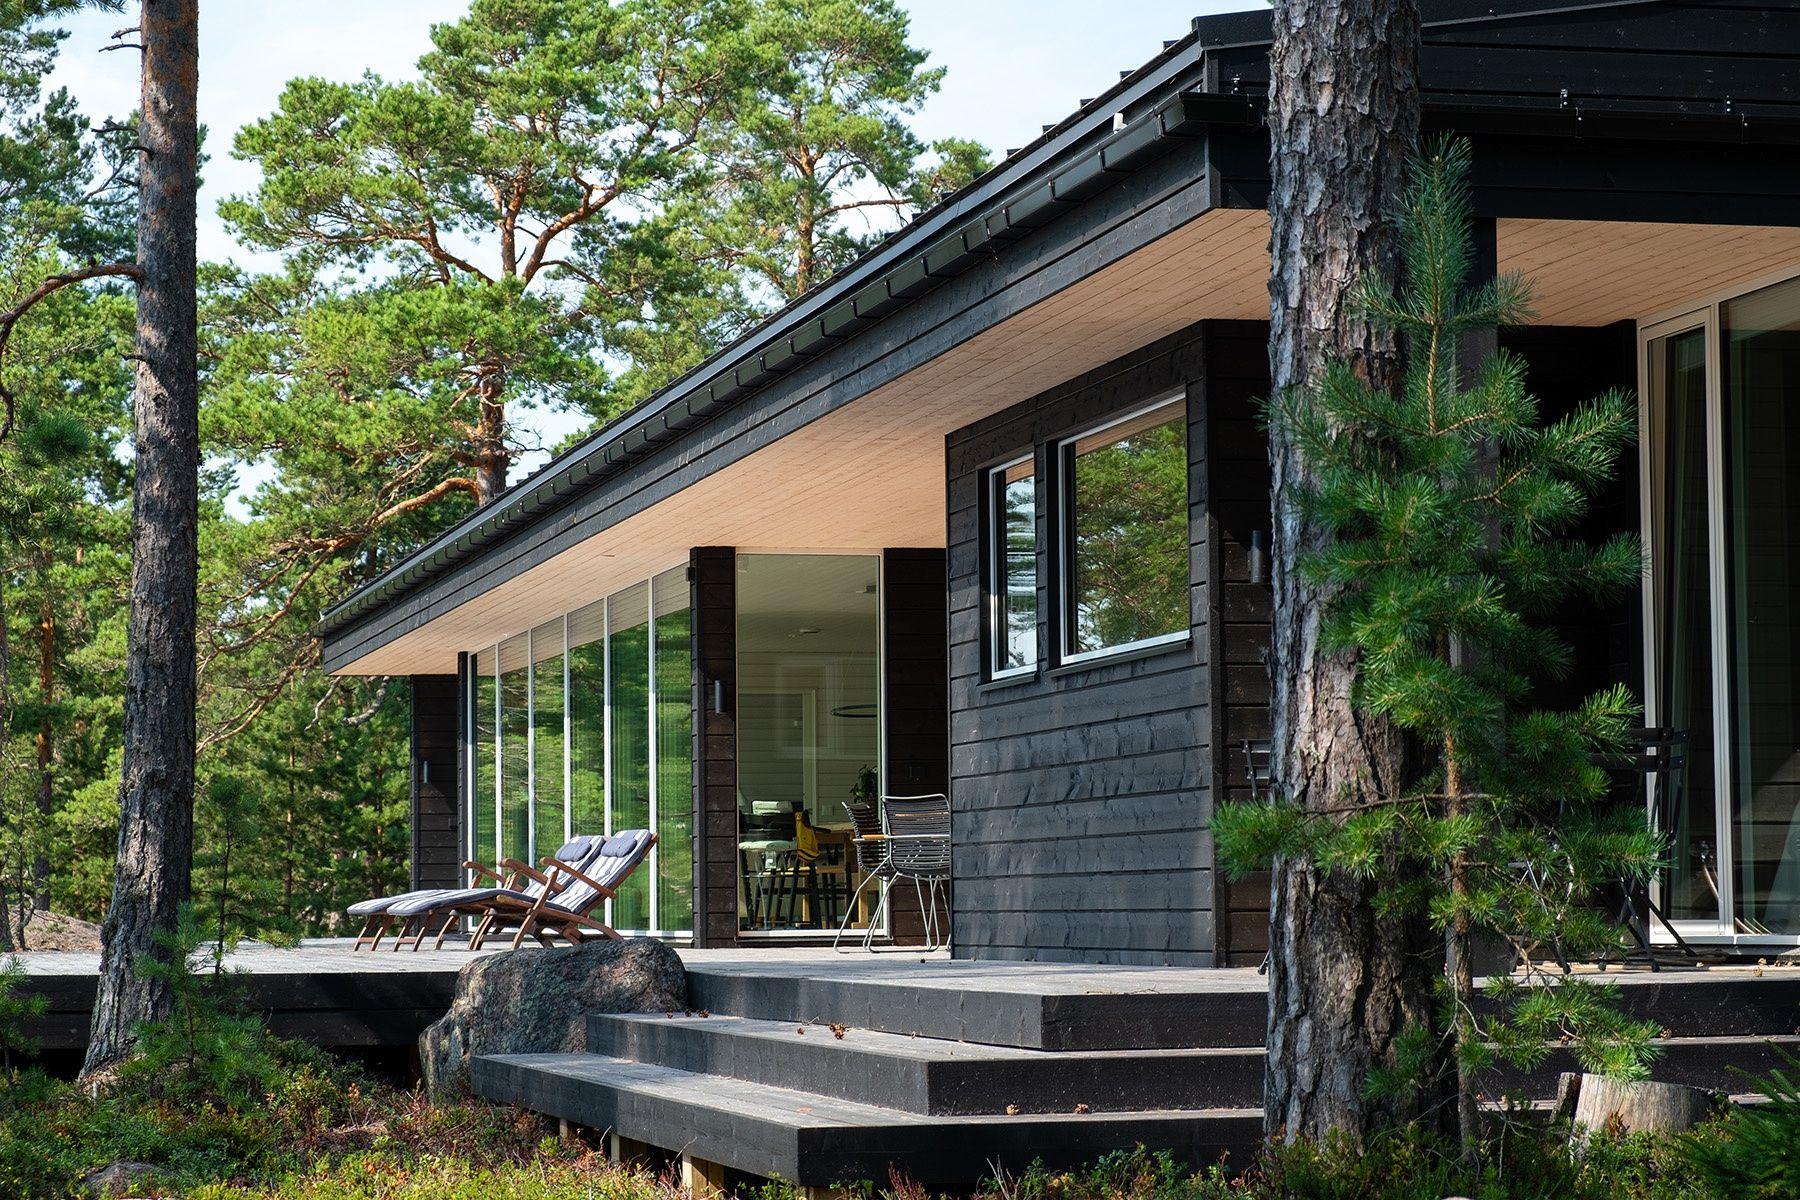 фасады деревянных домов фото одноэтажных домов